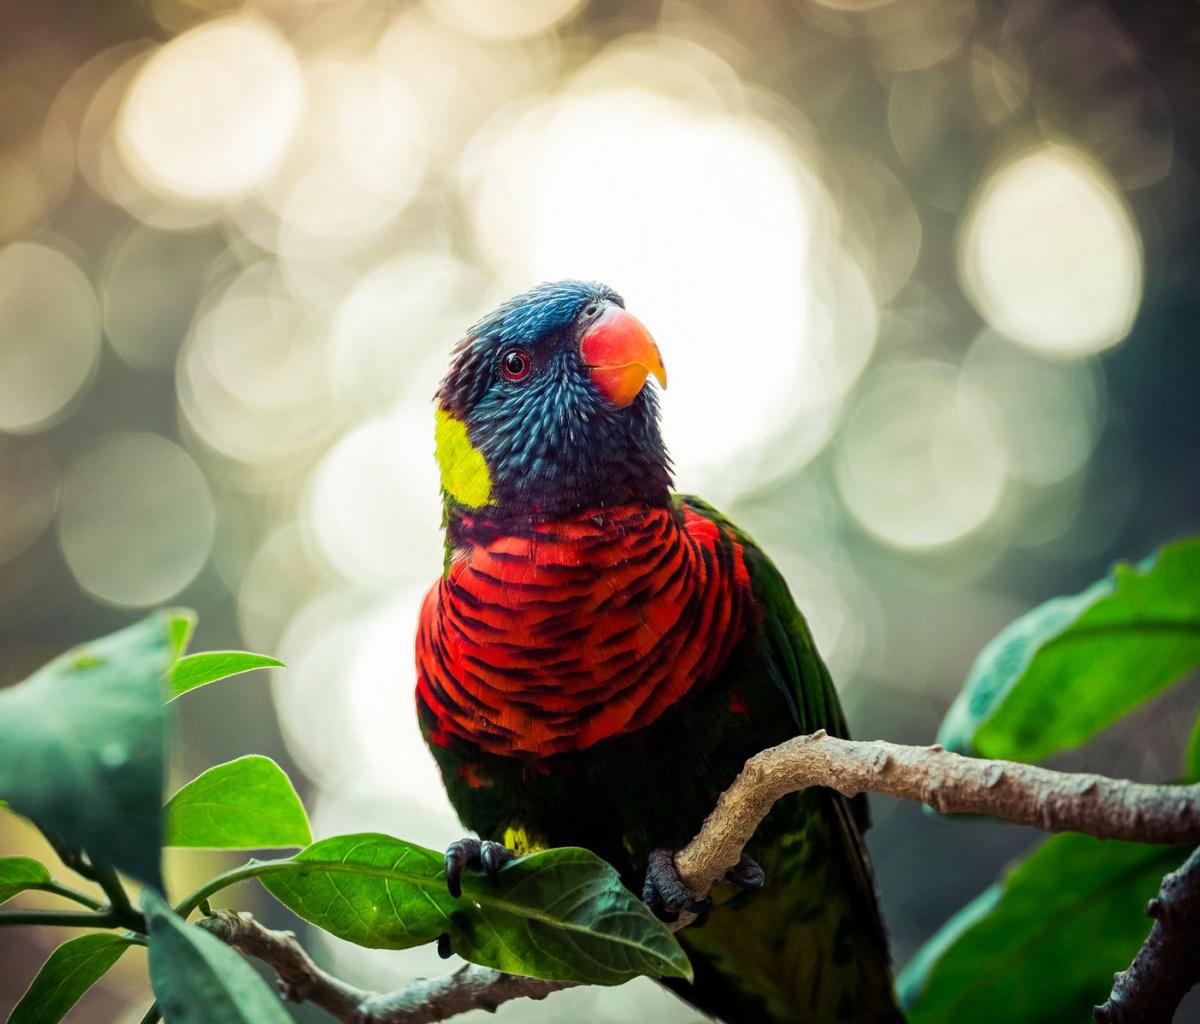 картинки экзотических птиц на рабочий стол этой статье